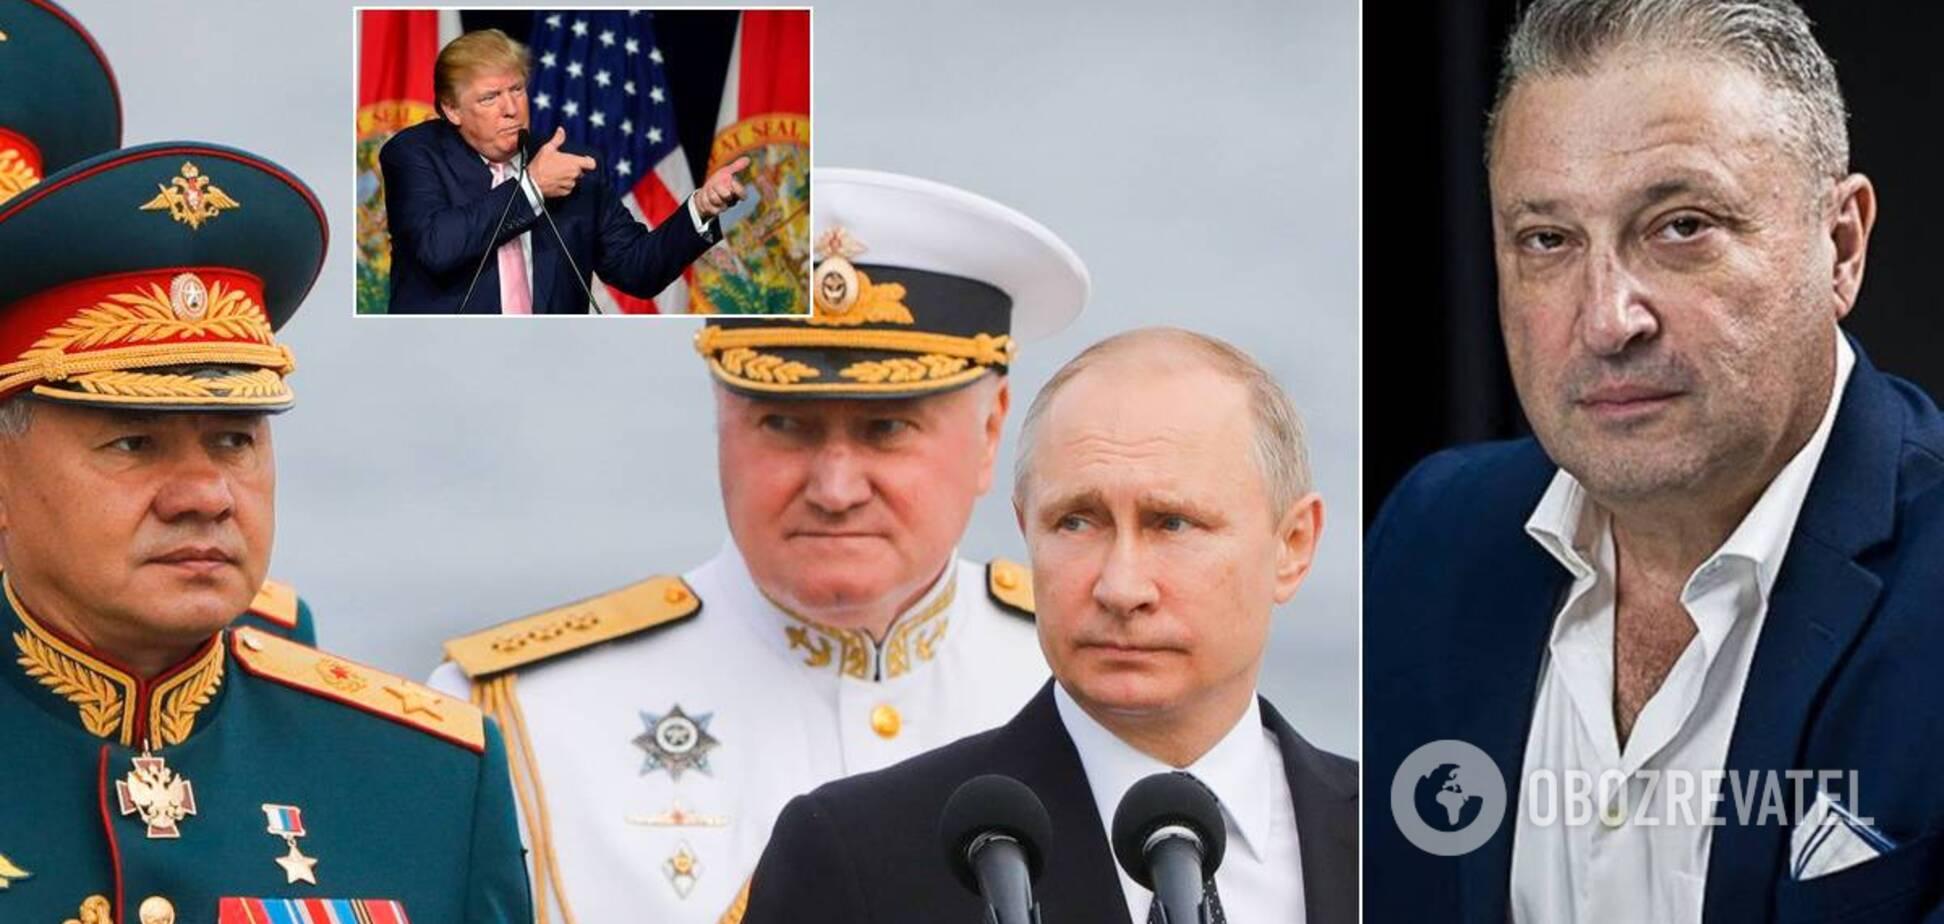 Путін ще катається на Т-34, Росія не має військової сили, – офіцер ВМС США